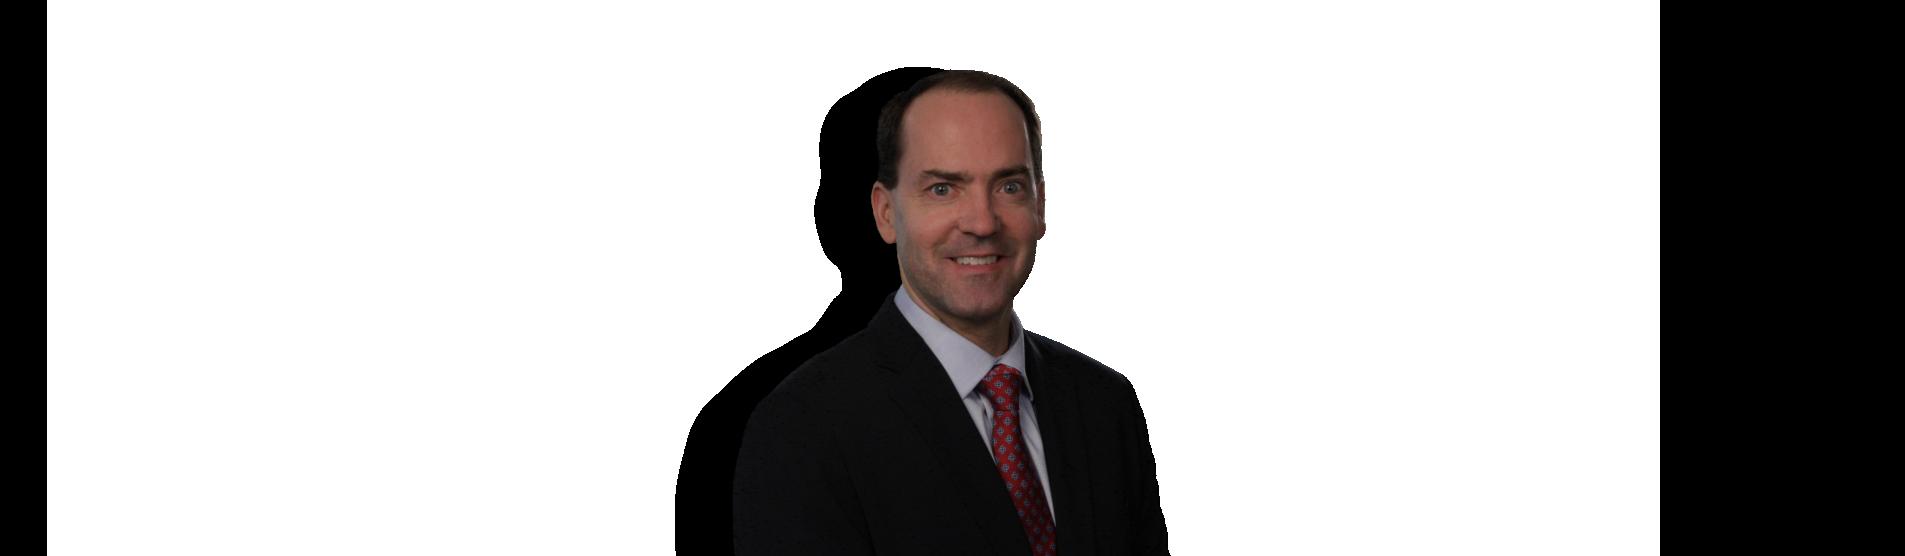 Headshot of Stuart A. Schanbacher